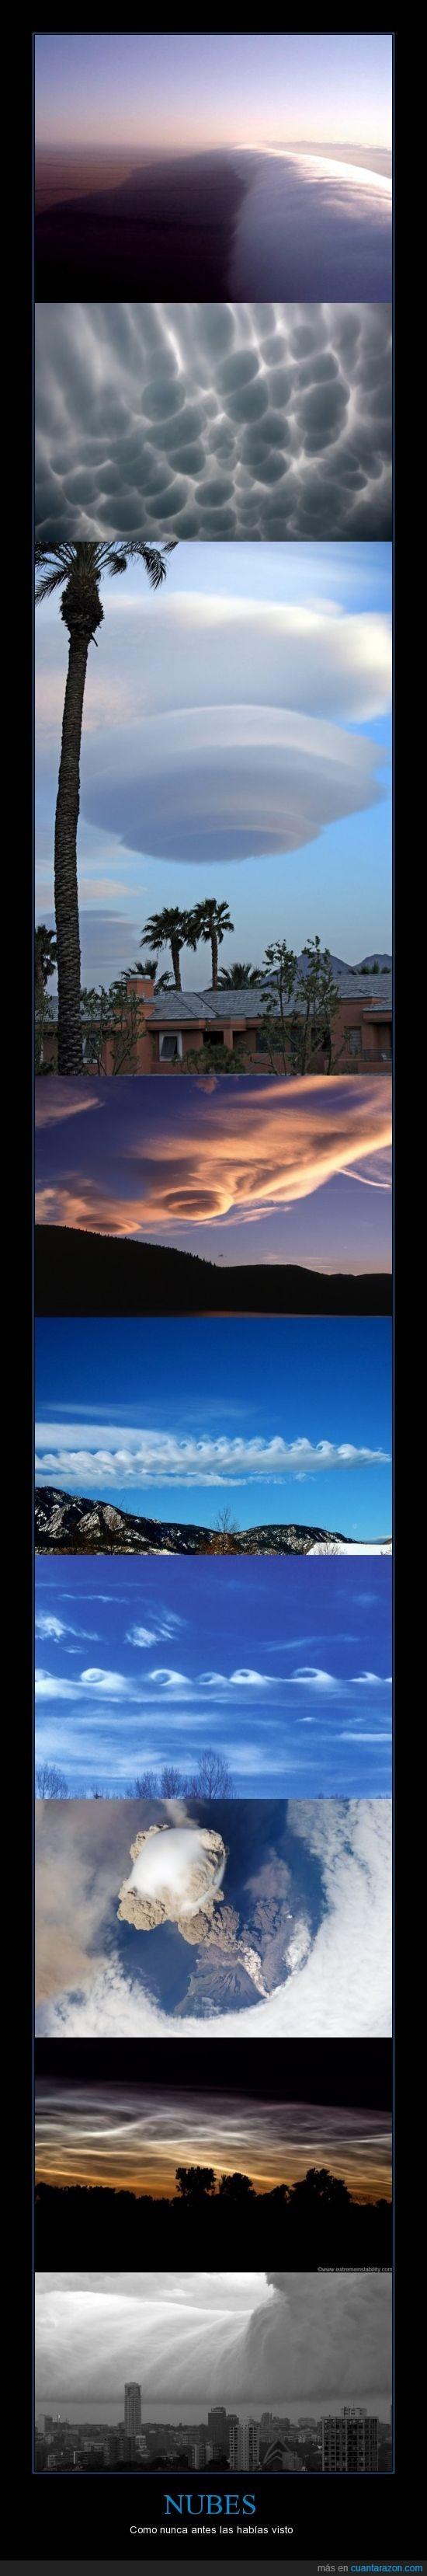 formas,fotos,Nubes,paisaje